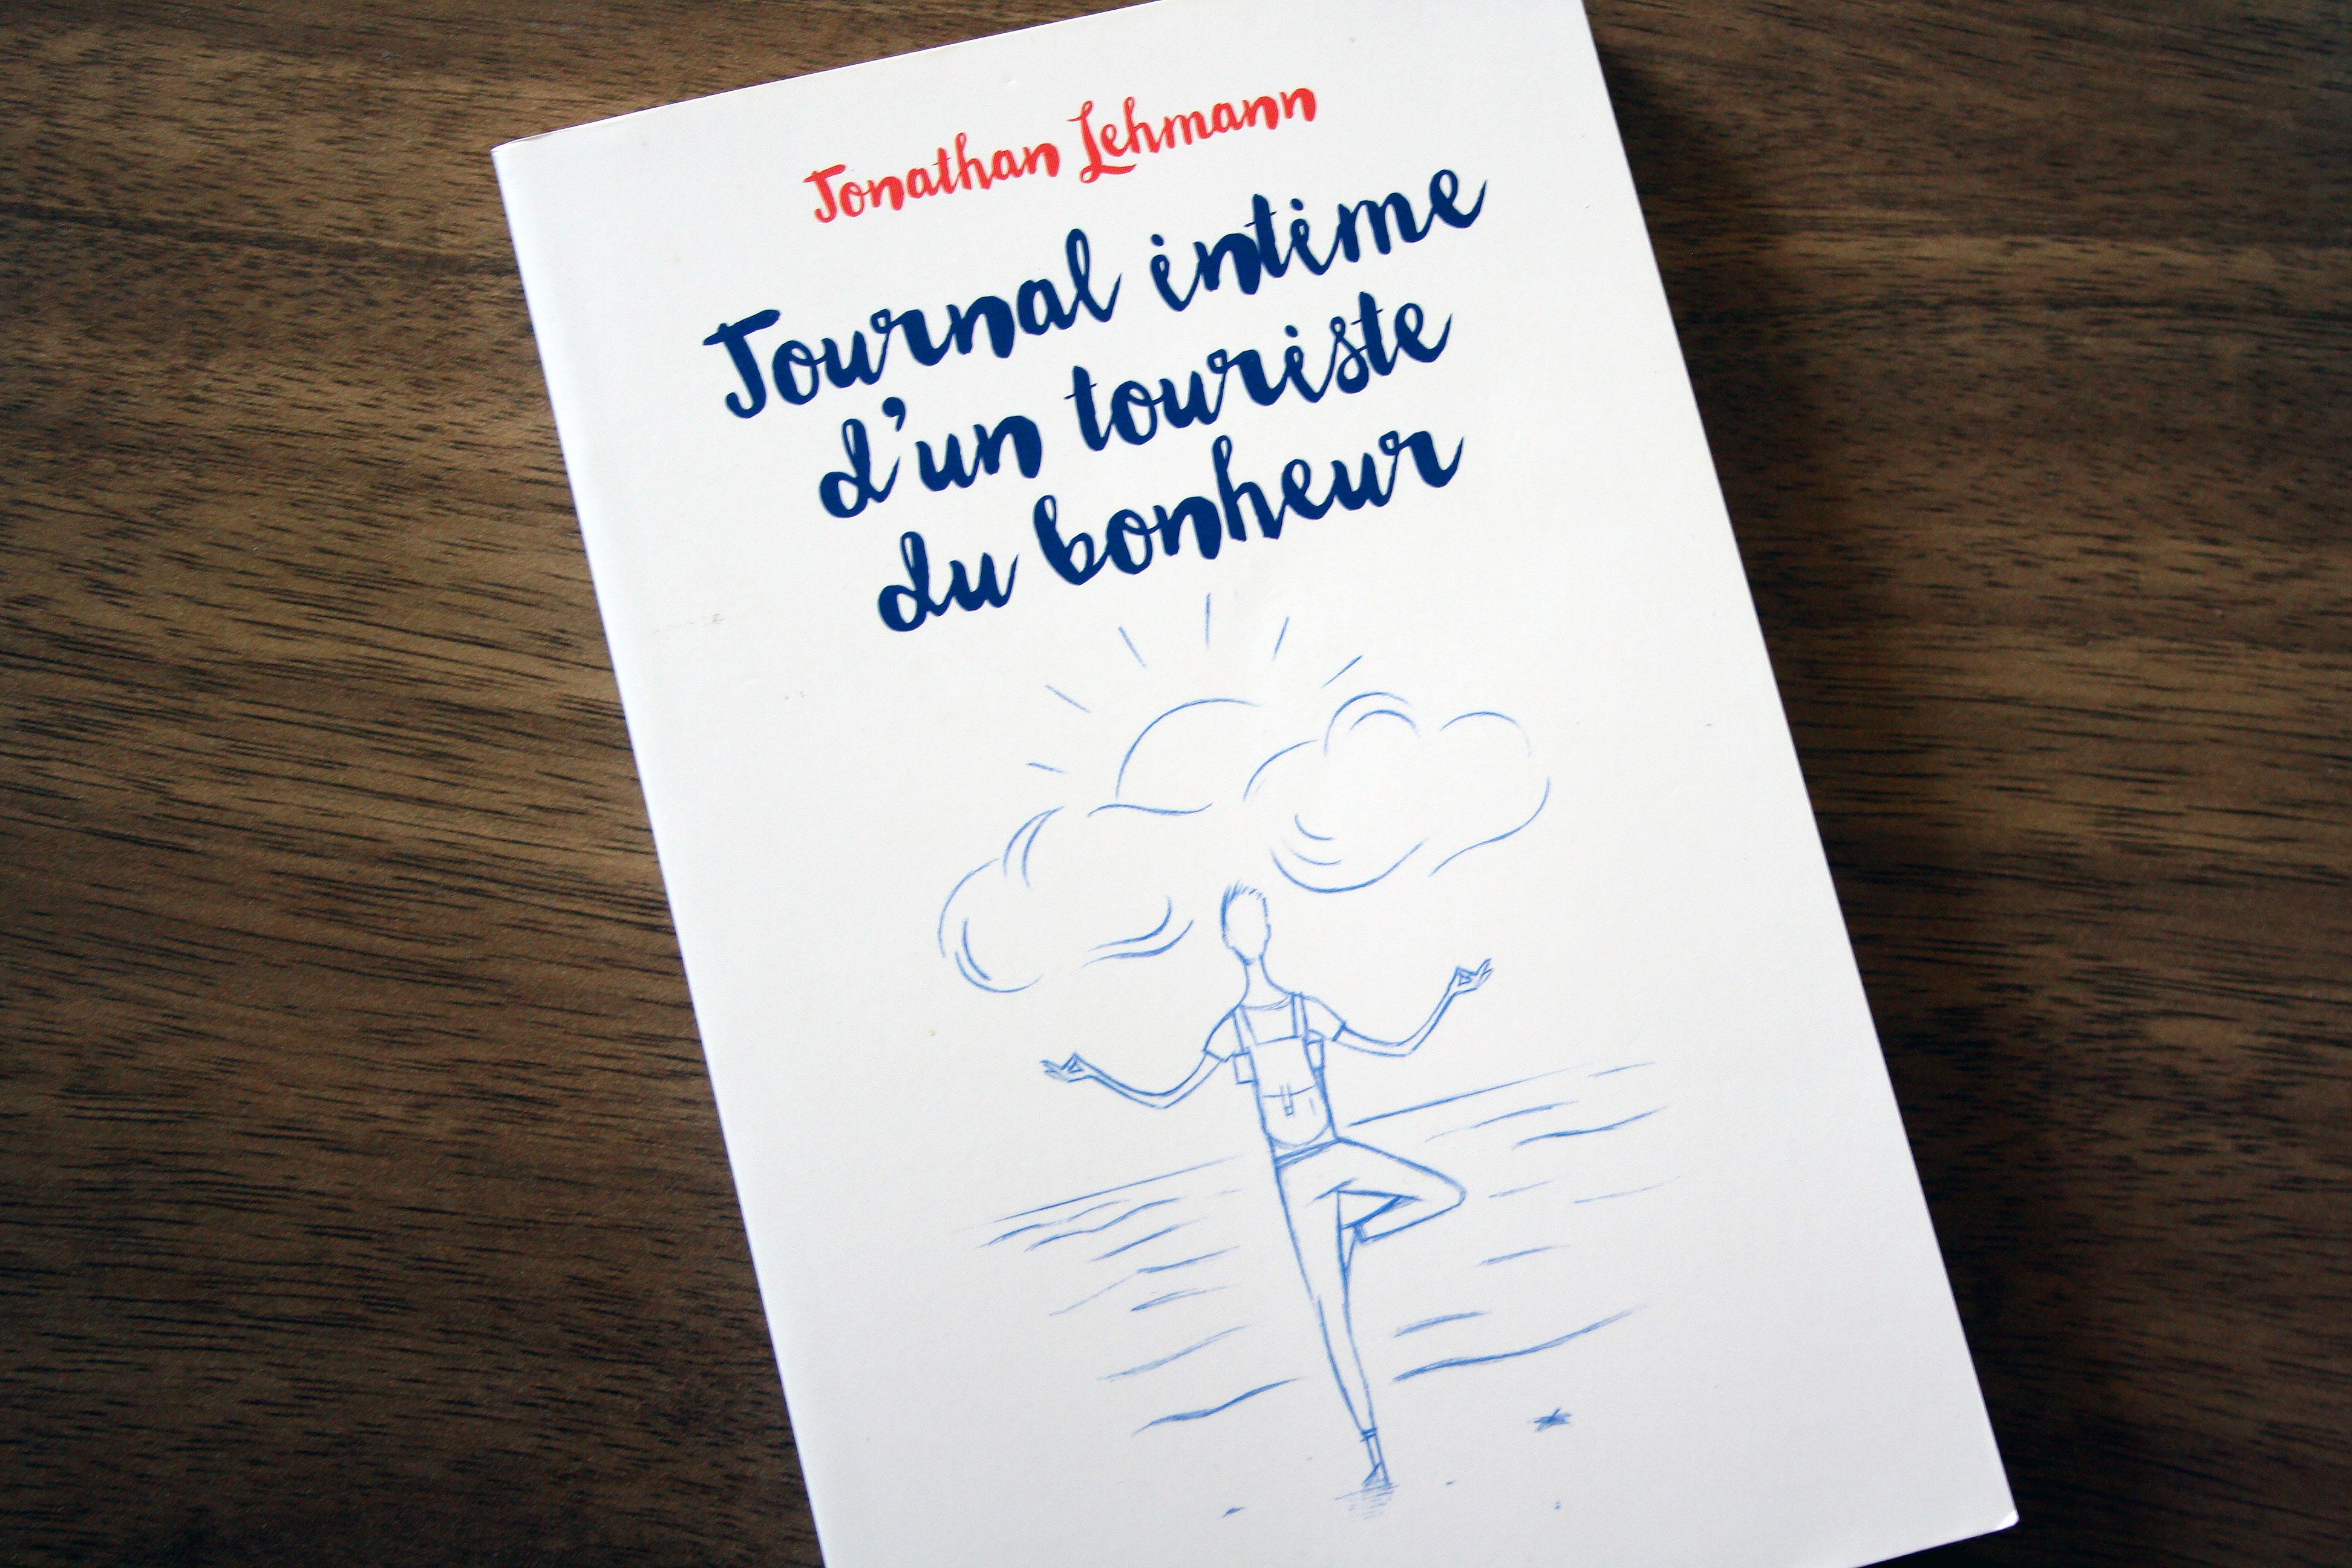 Livre journal intime d'un touriste du bonheur